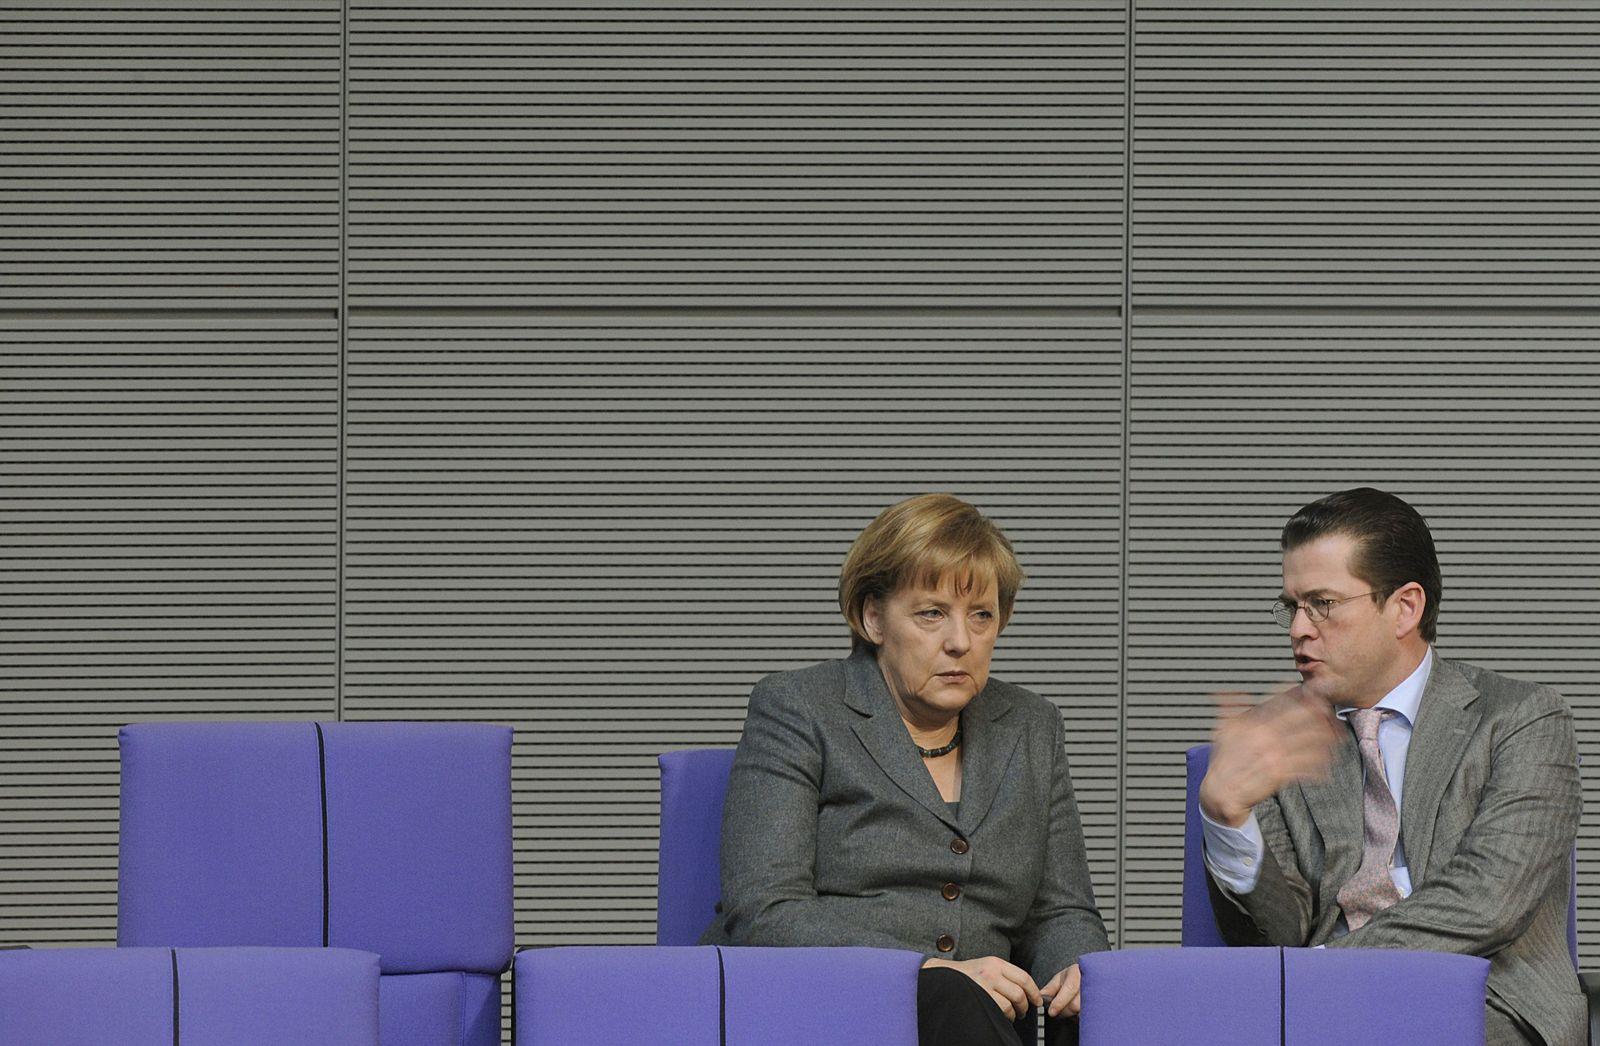 Bundestag - Merkel und Guttenberg